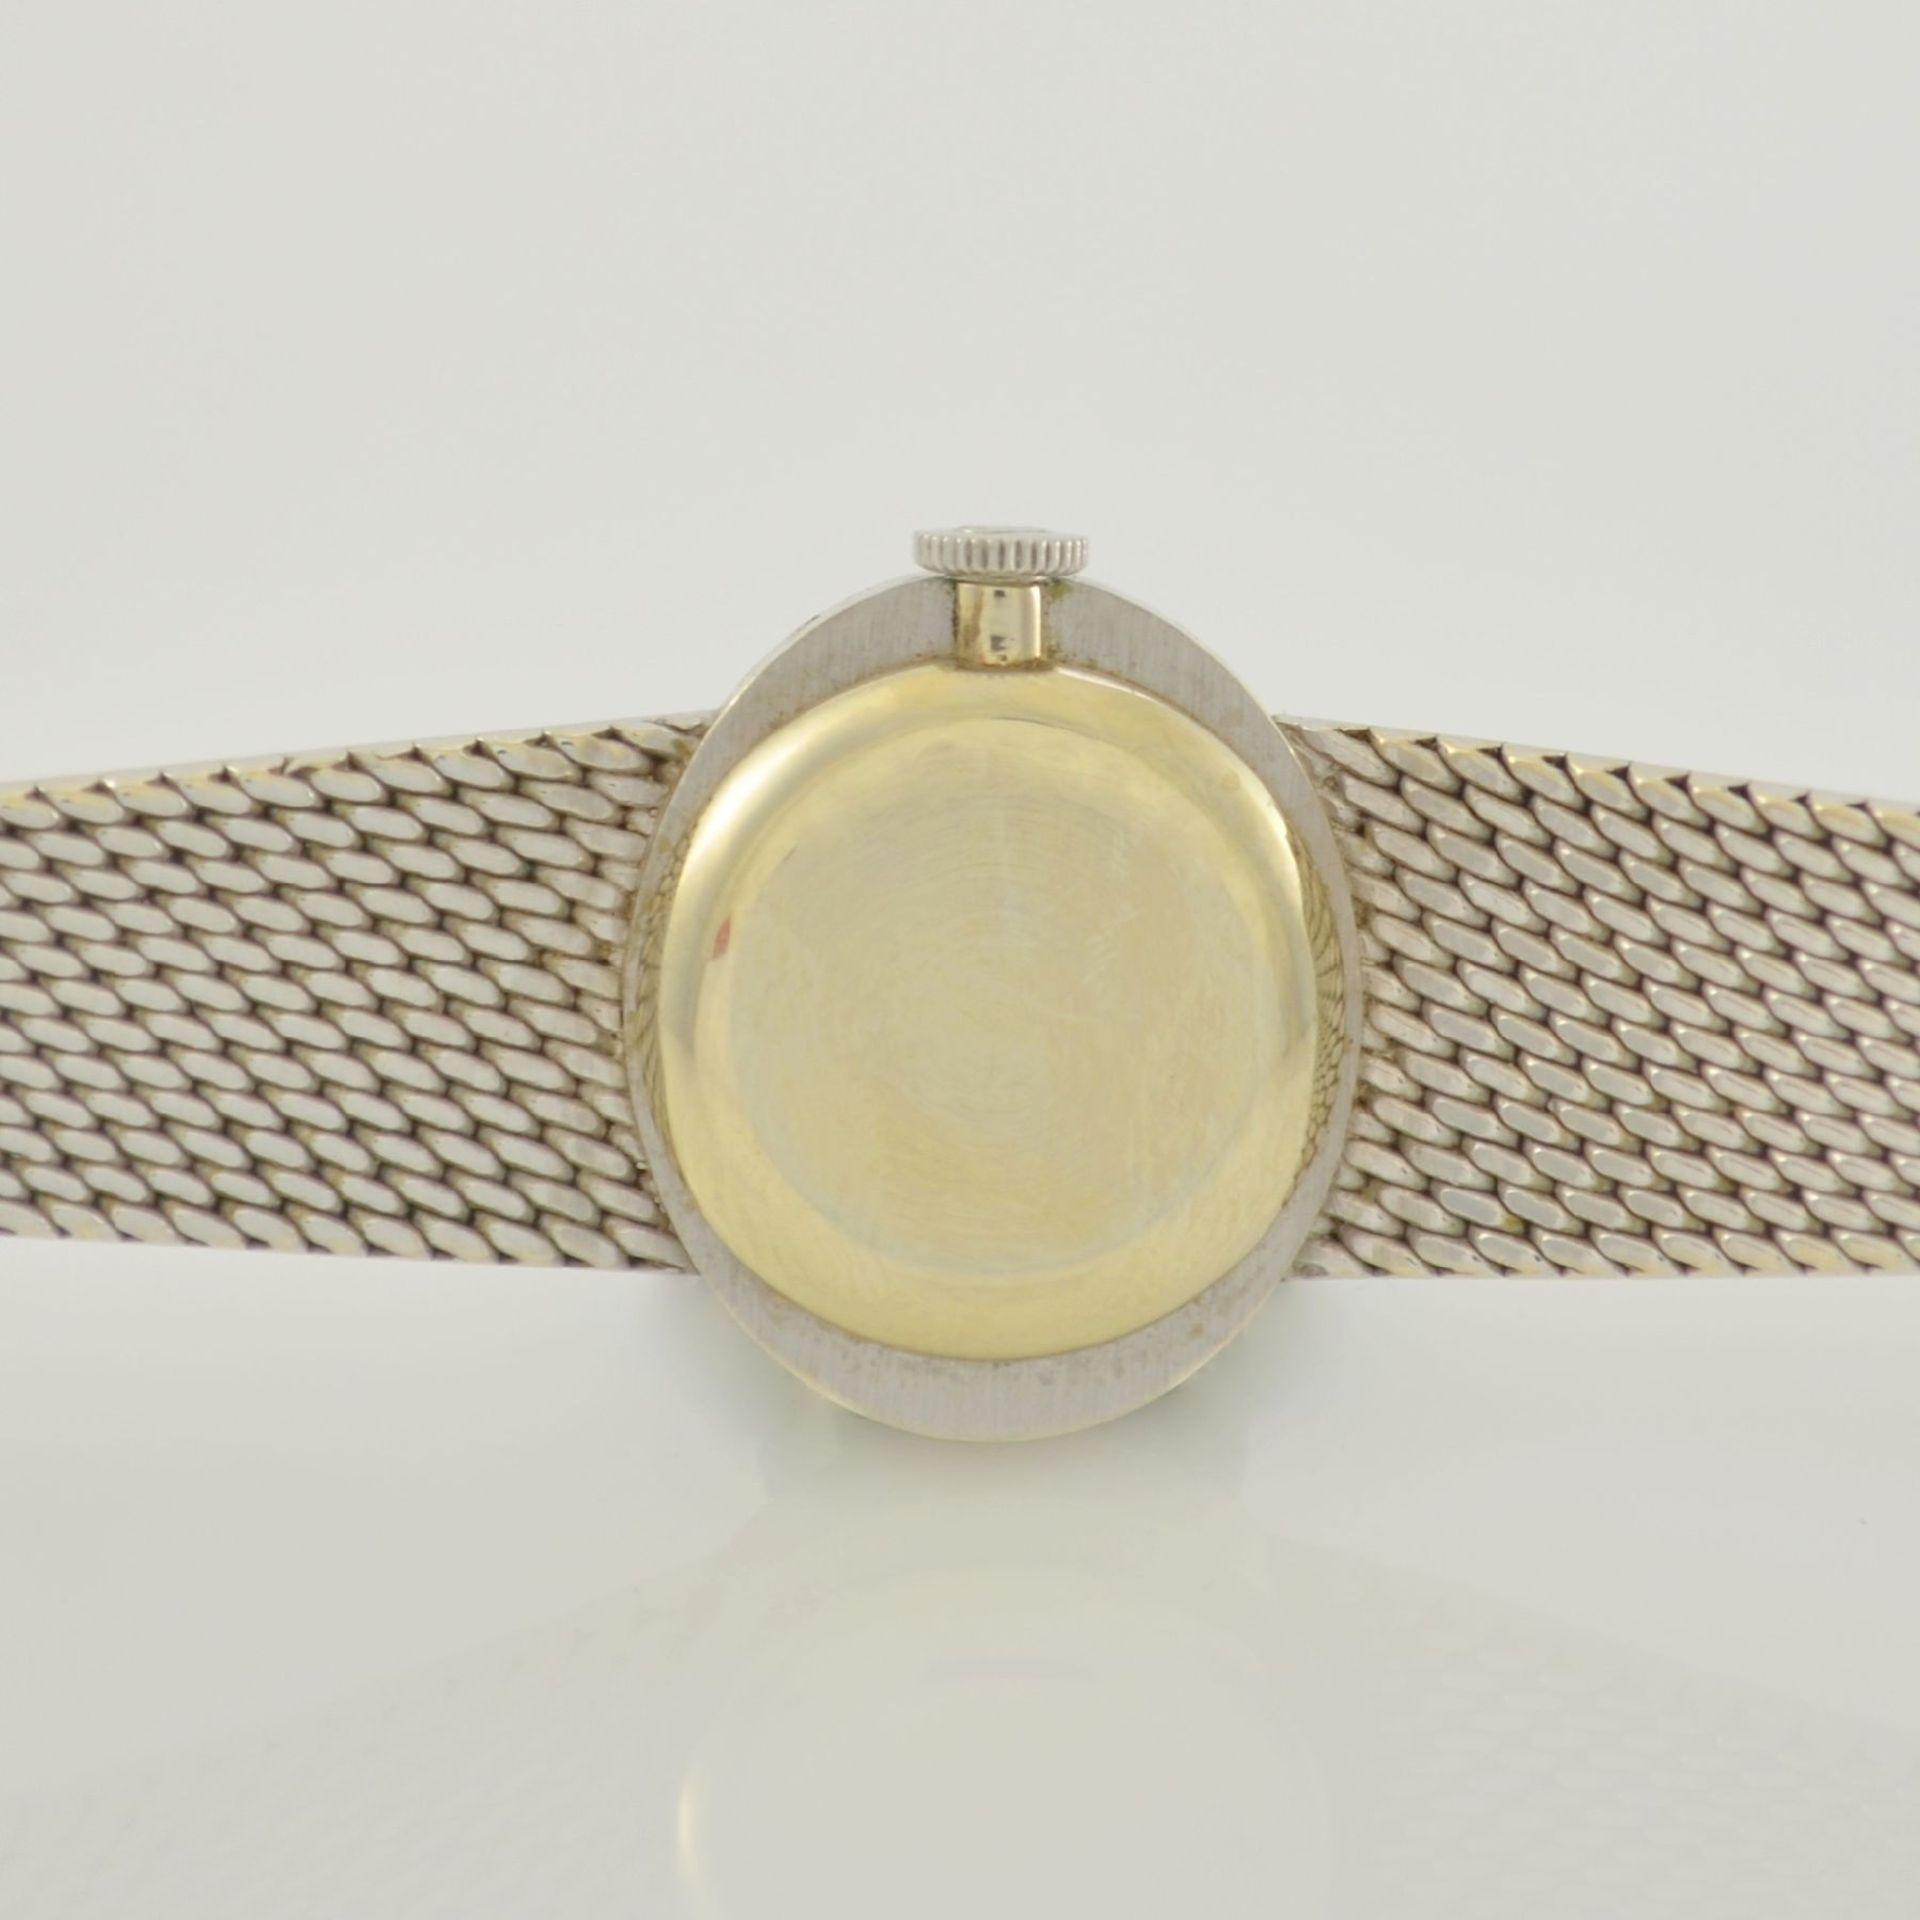 ROLEX Damenarmbanduhr in WG 750/000, Schweiz 1960er Jahre, Handaufzug, Boden aufgedr., - Bild 6 aus 6